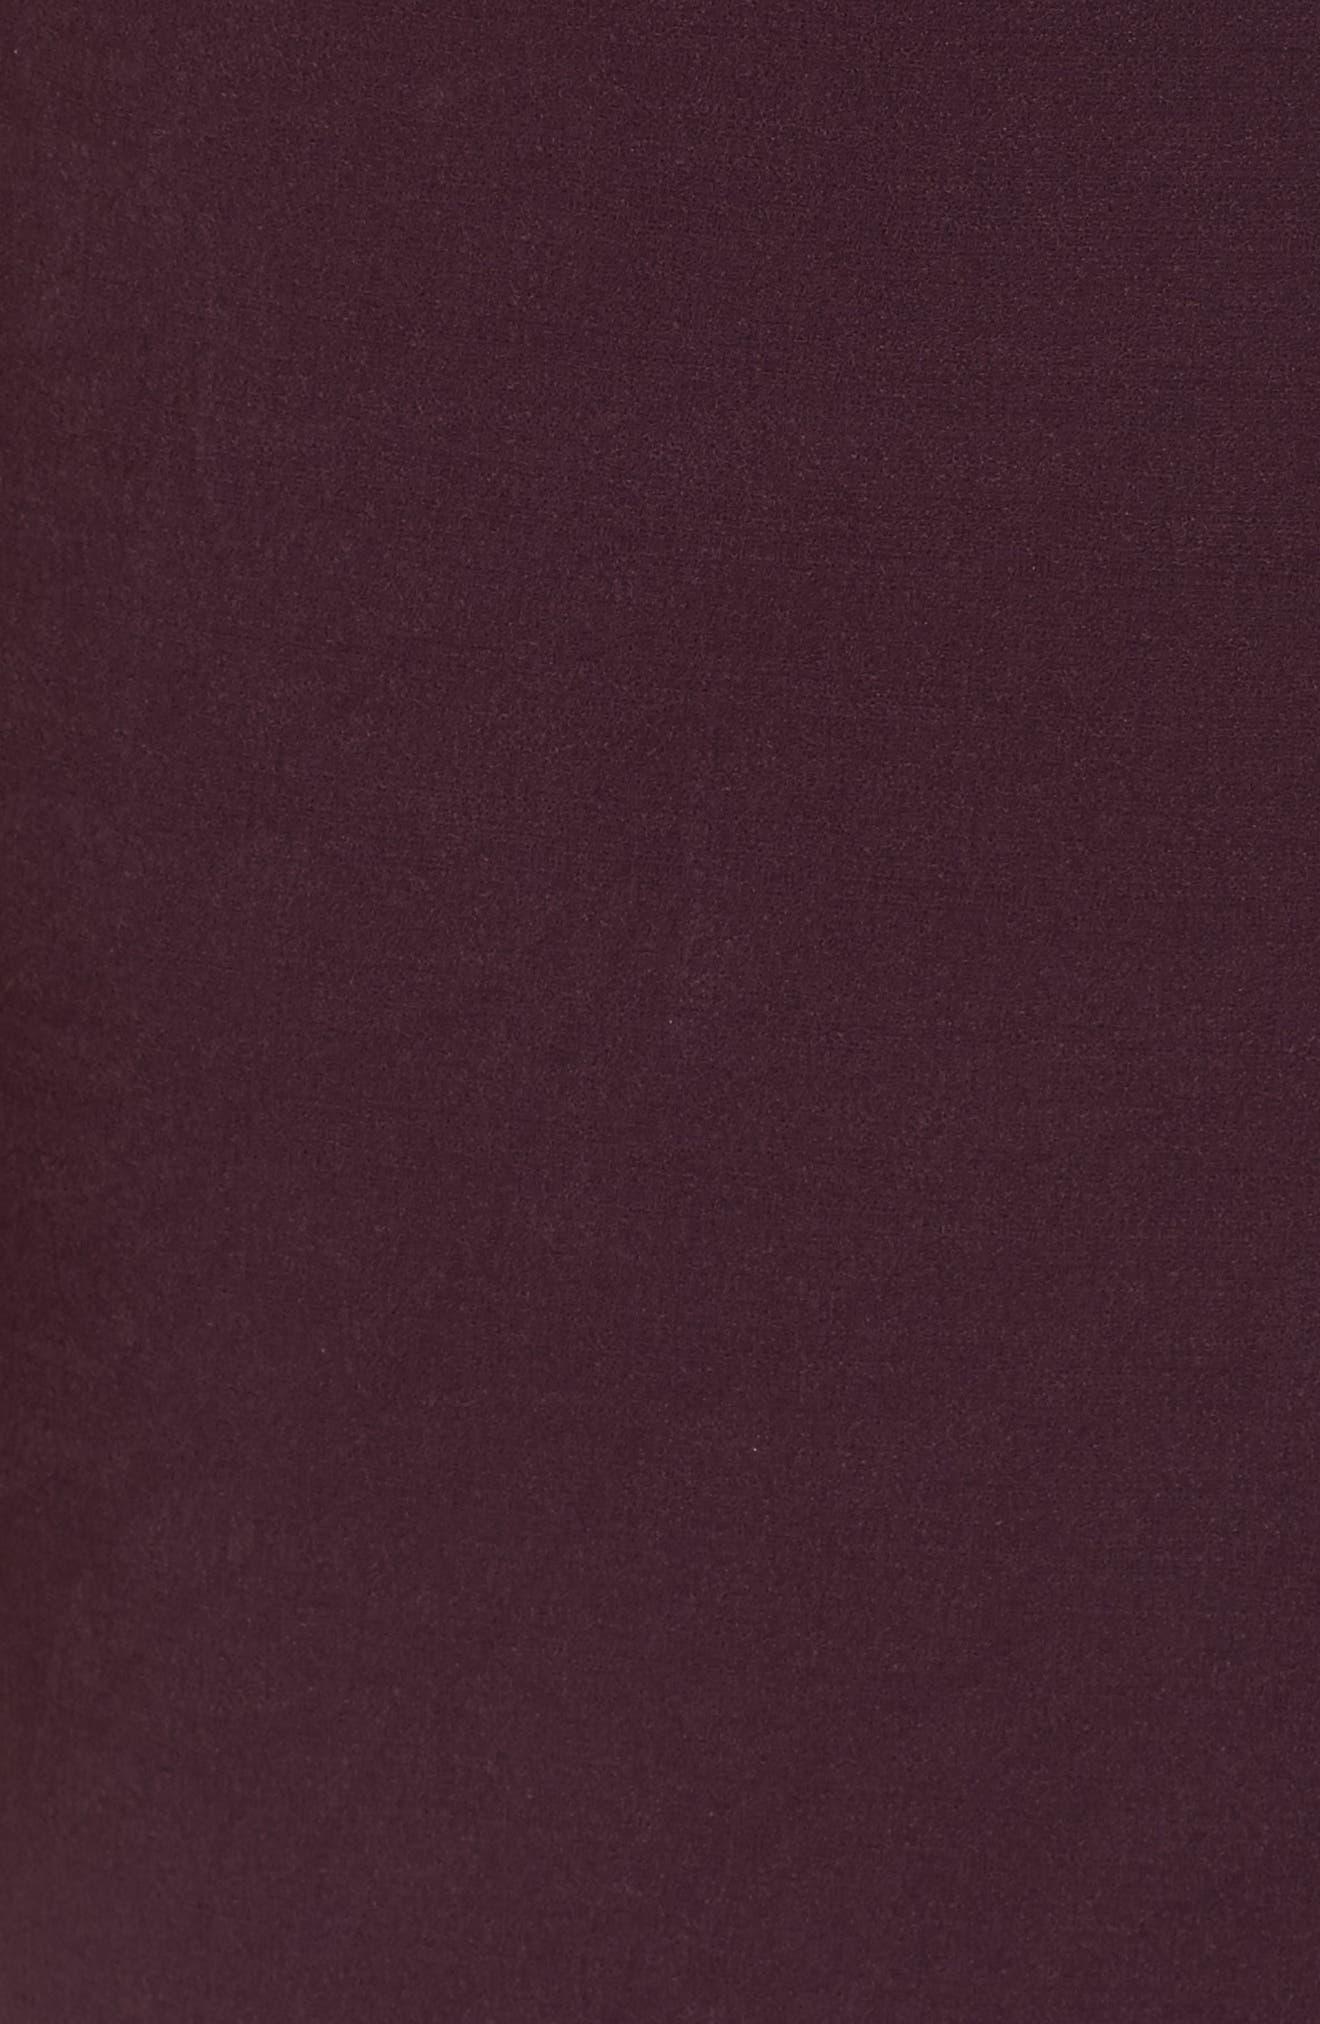 Don't Stop Midi Dress,                             Alternate thumbnail 5, color,